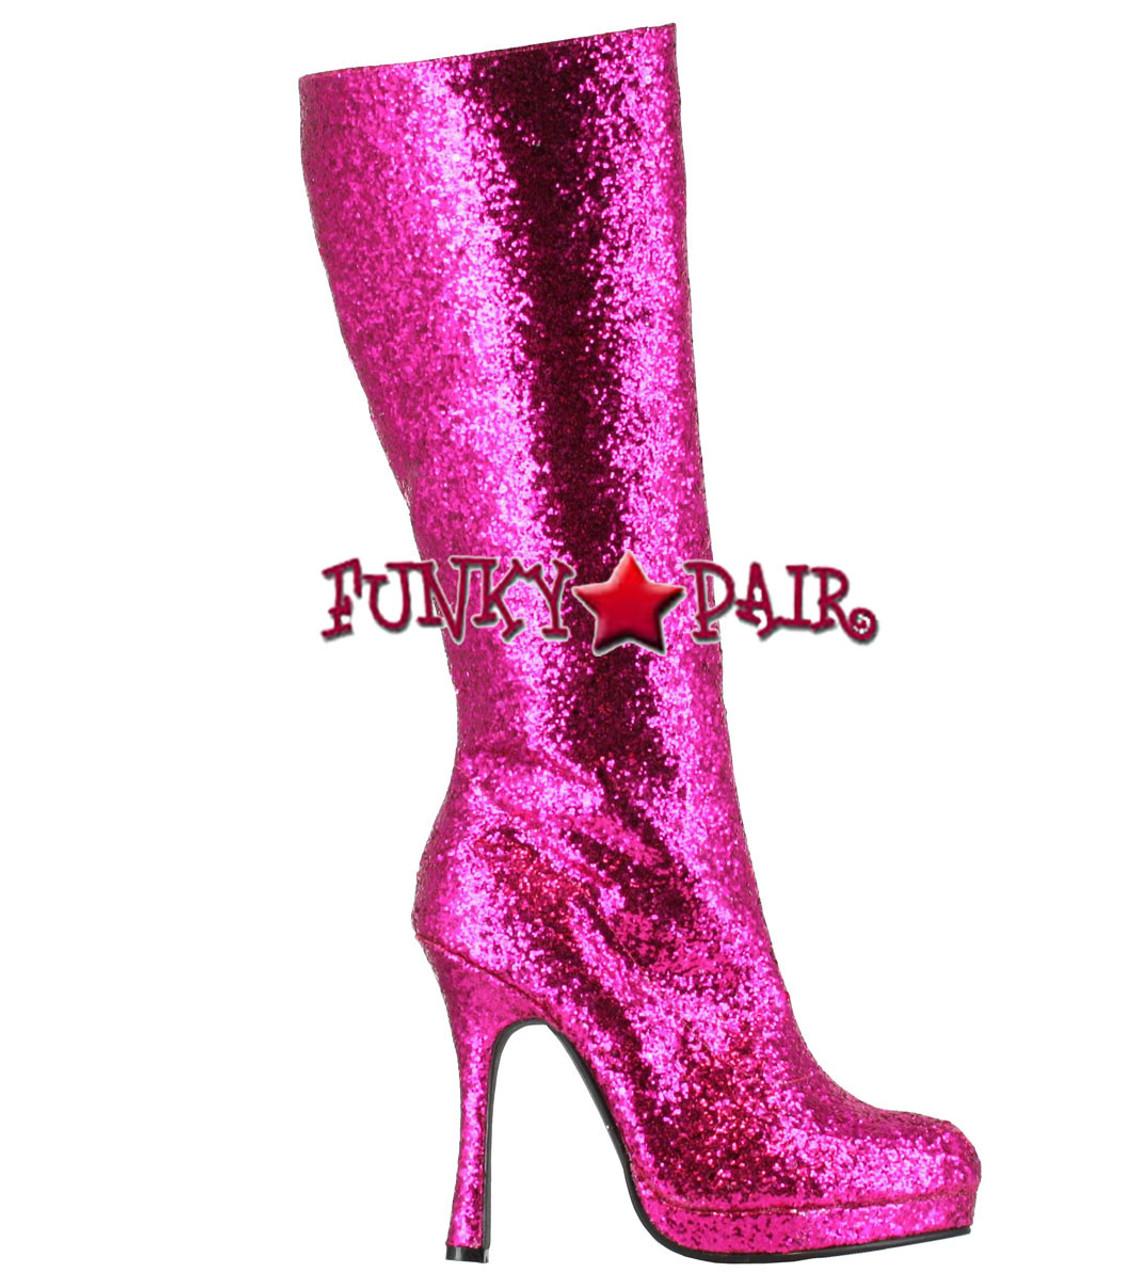 zapatos salomon venezuela zara zara4